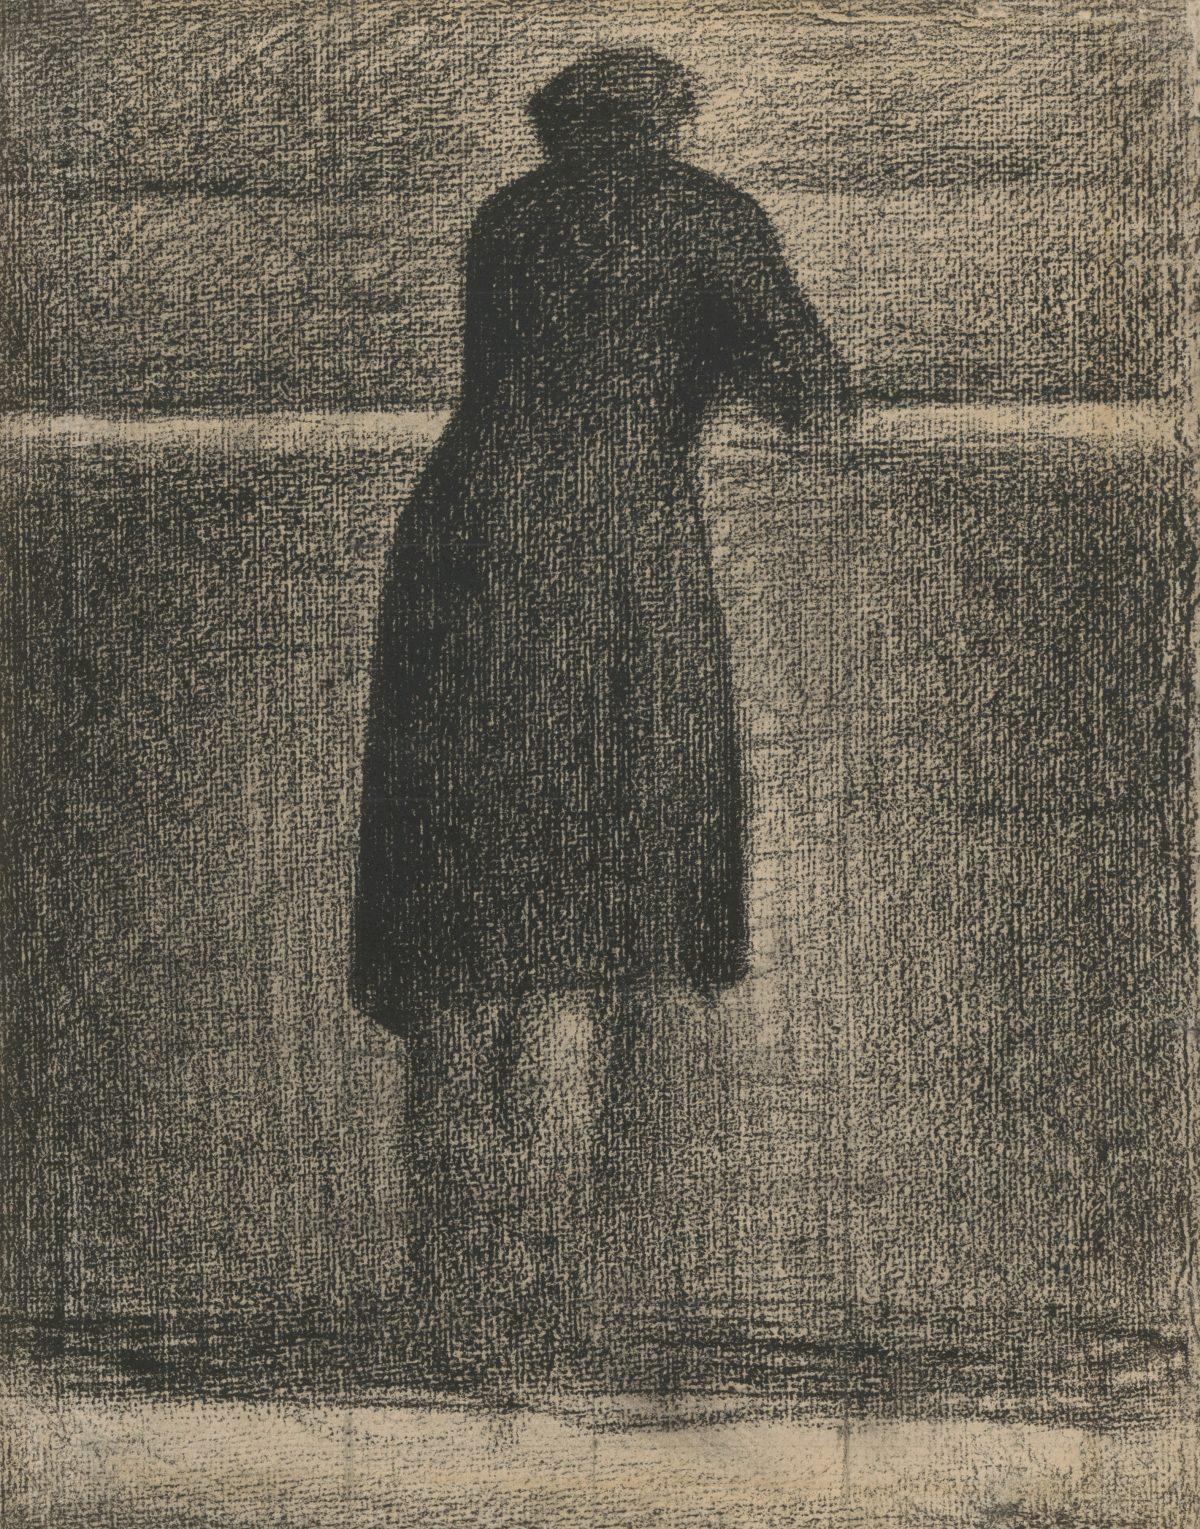 Georges Seurat, Mann an der Seine-Brüstung vor dem Invalidendom, 1880 - 1881, Conté-Kreide, 310 x 240 mm Blattmaß © Staatliche Graphische Sammlung München